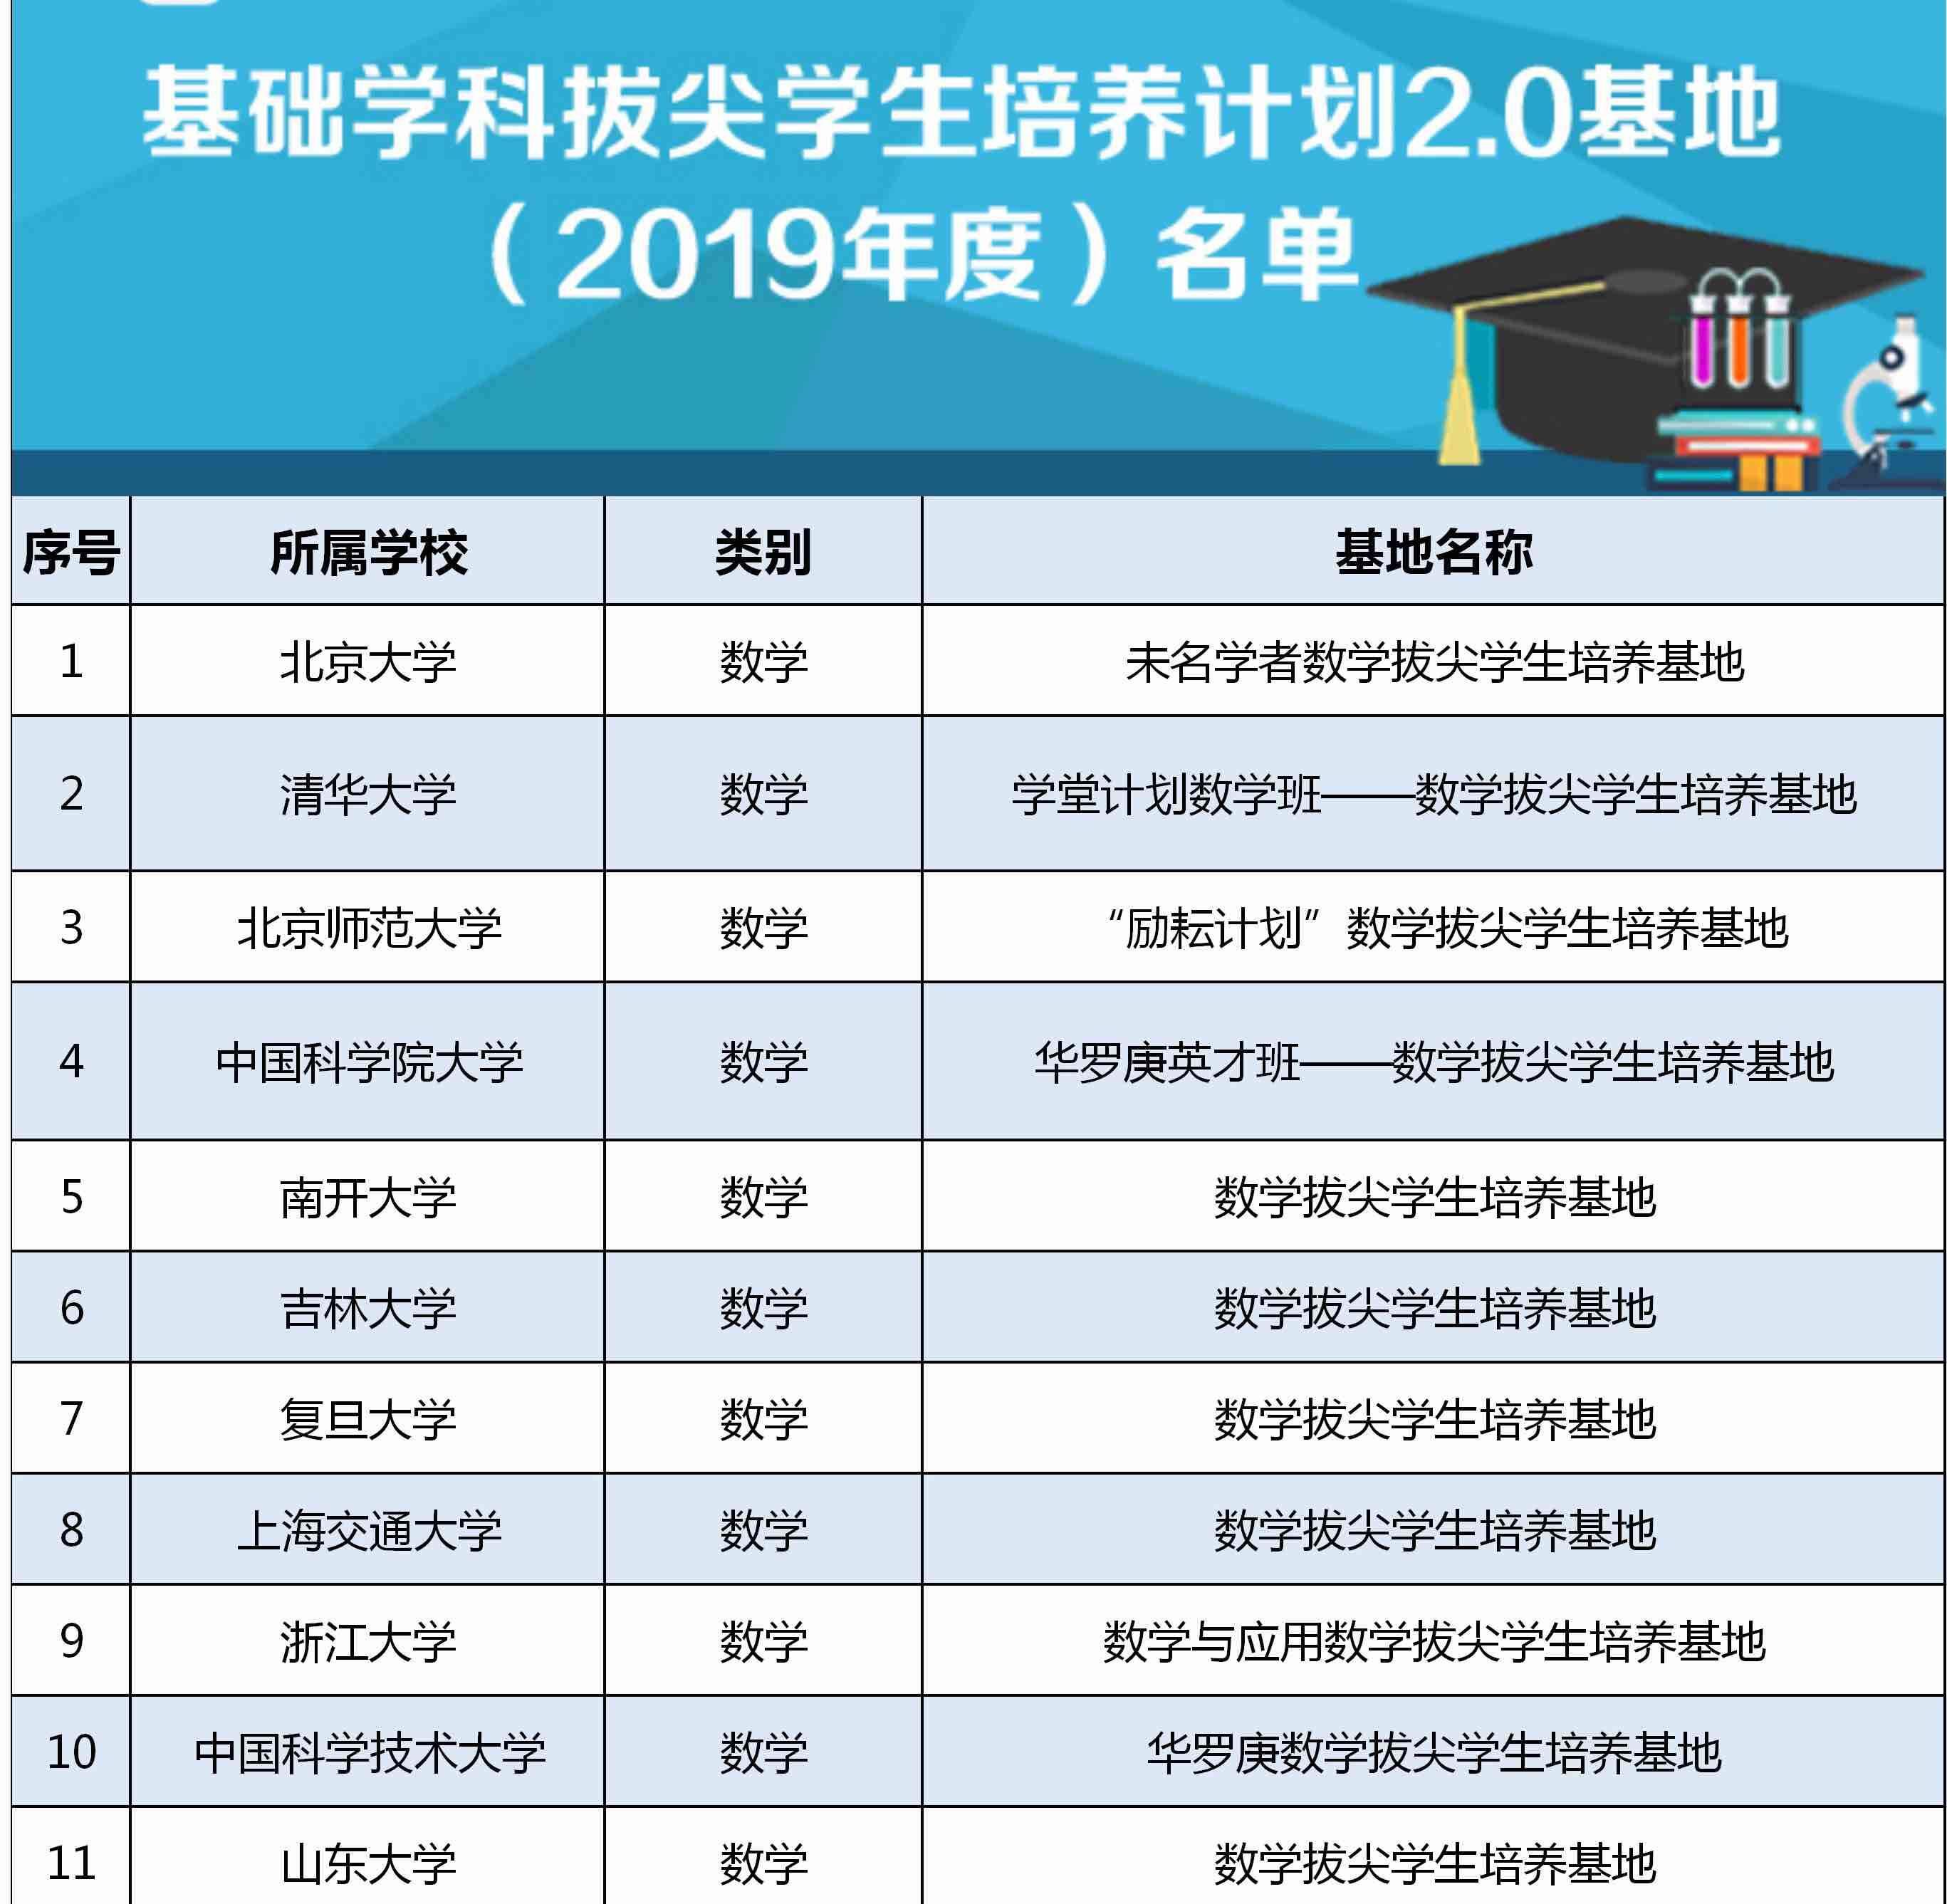 教育部公布基础学科拔尖学生培养计划2.0基地名单